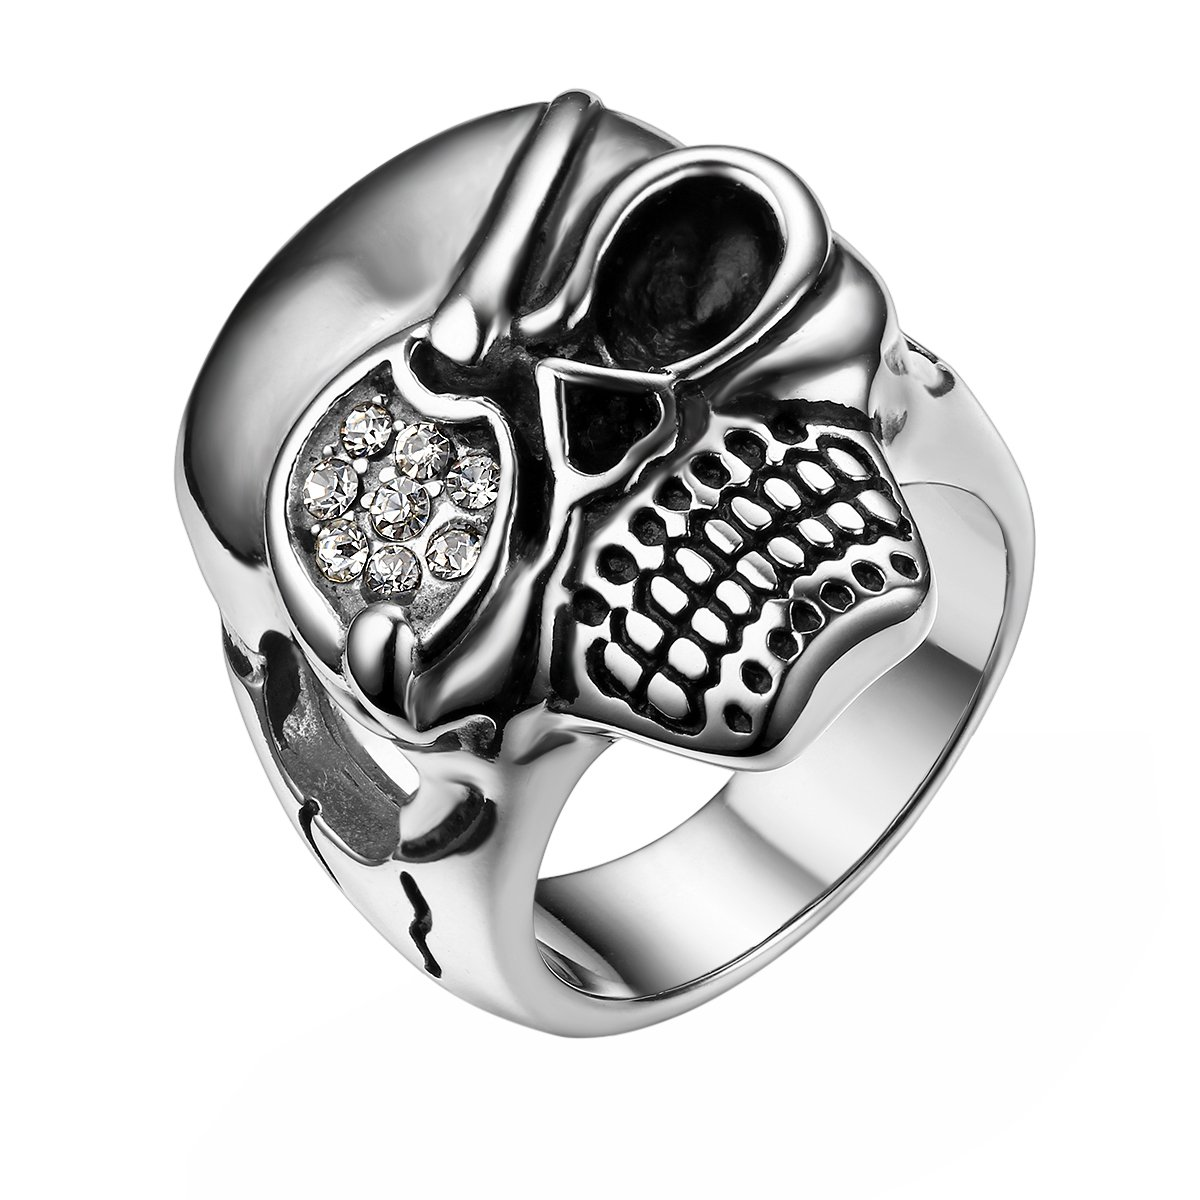 JewelryWe Bijoux Bague Homme Gothique Pirate Tête de Mort Crâne Diable Motard Biker Tribal Acier Inoxydable Anneaux Fantaisie Taille Optionnel